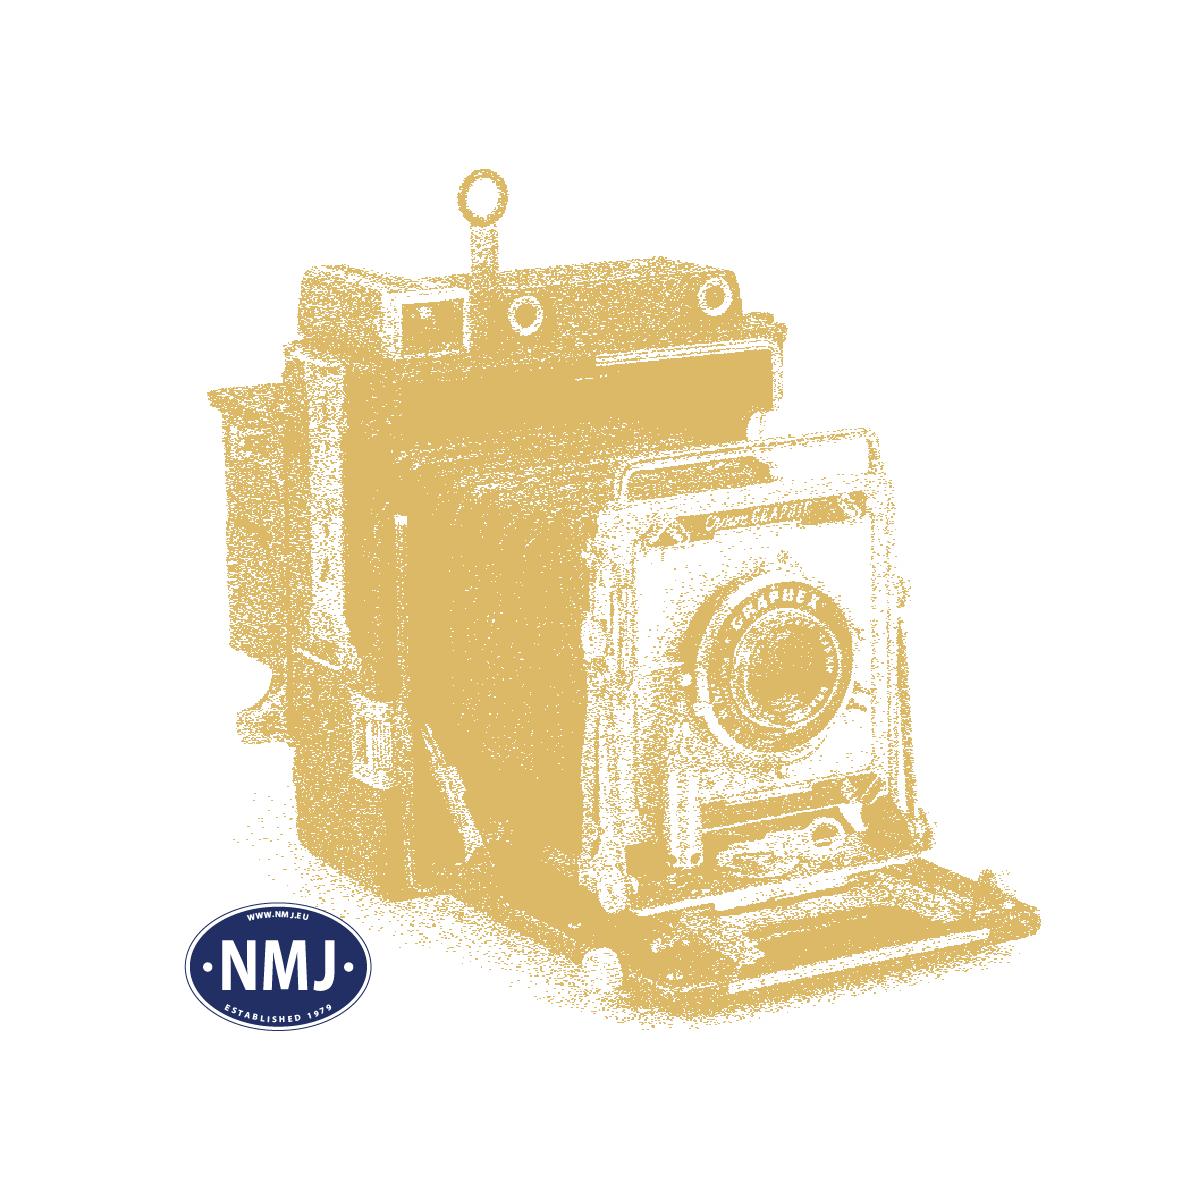 """NMJT605.313 - NMJ Topline SJ Grf 45002 """"Fruktnorlin"""" refrigerator car"""